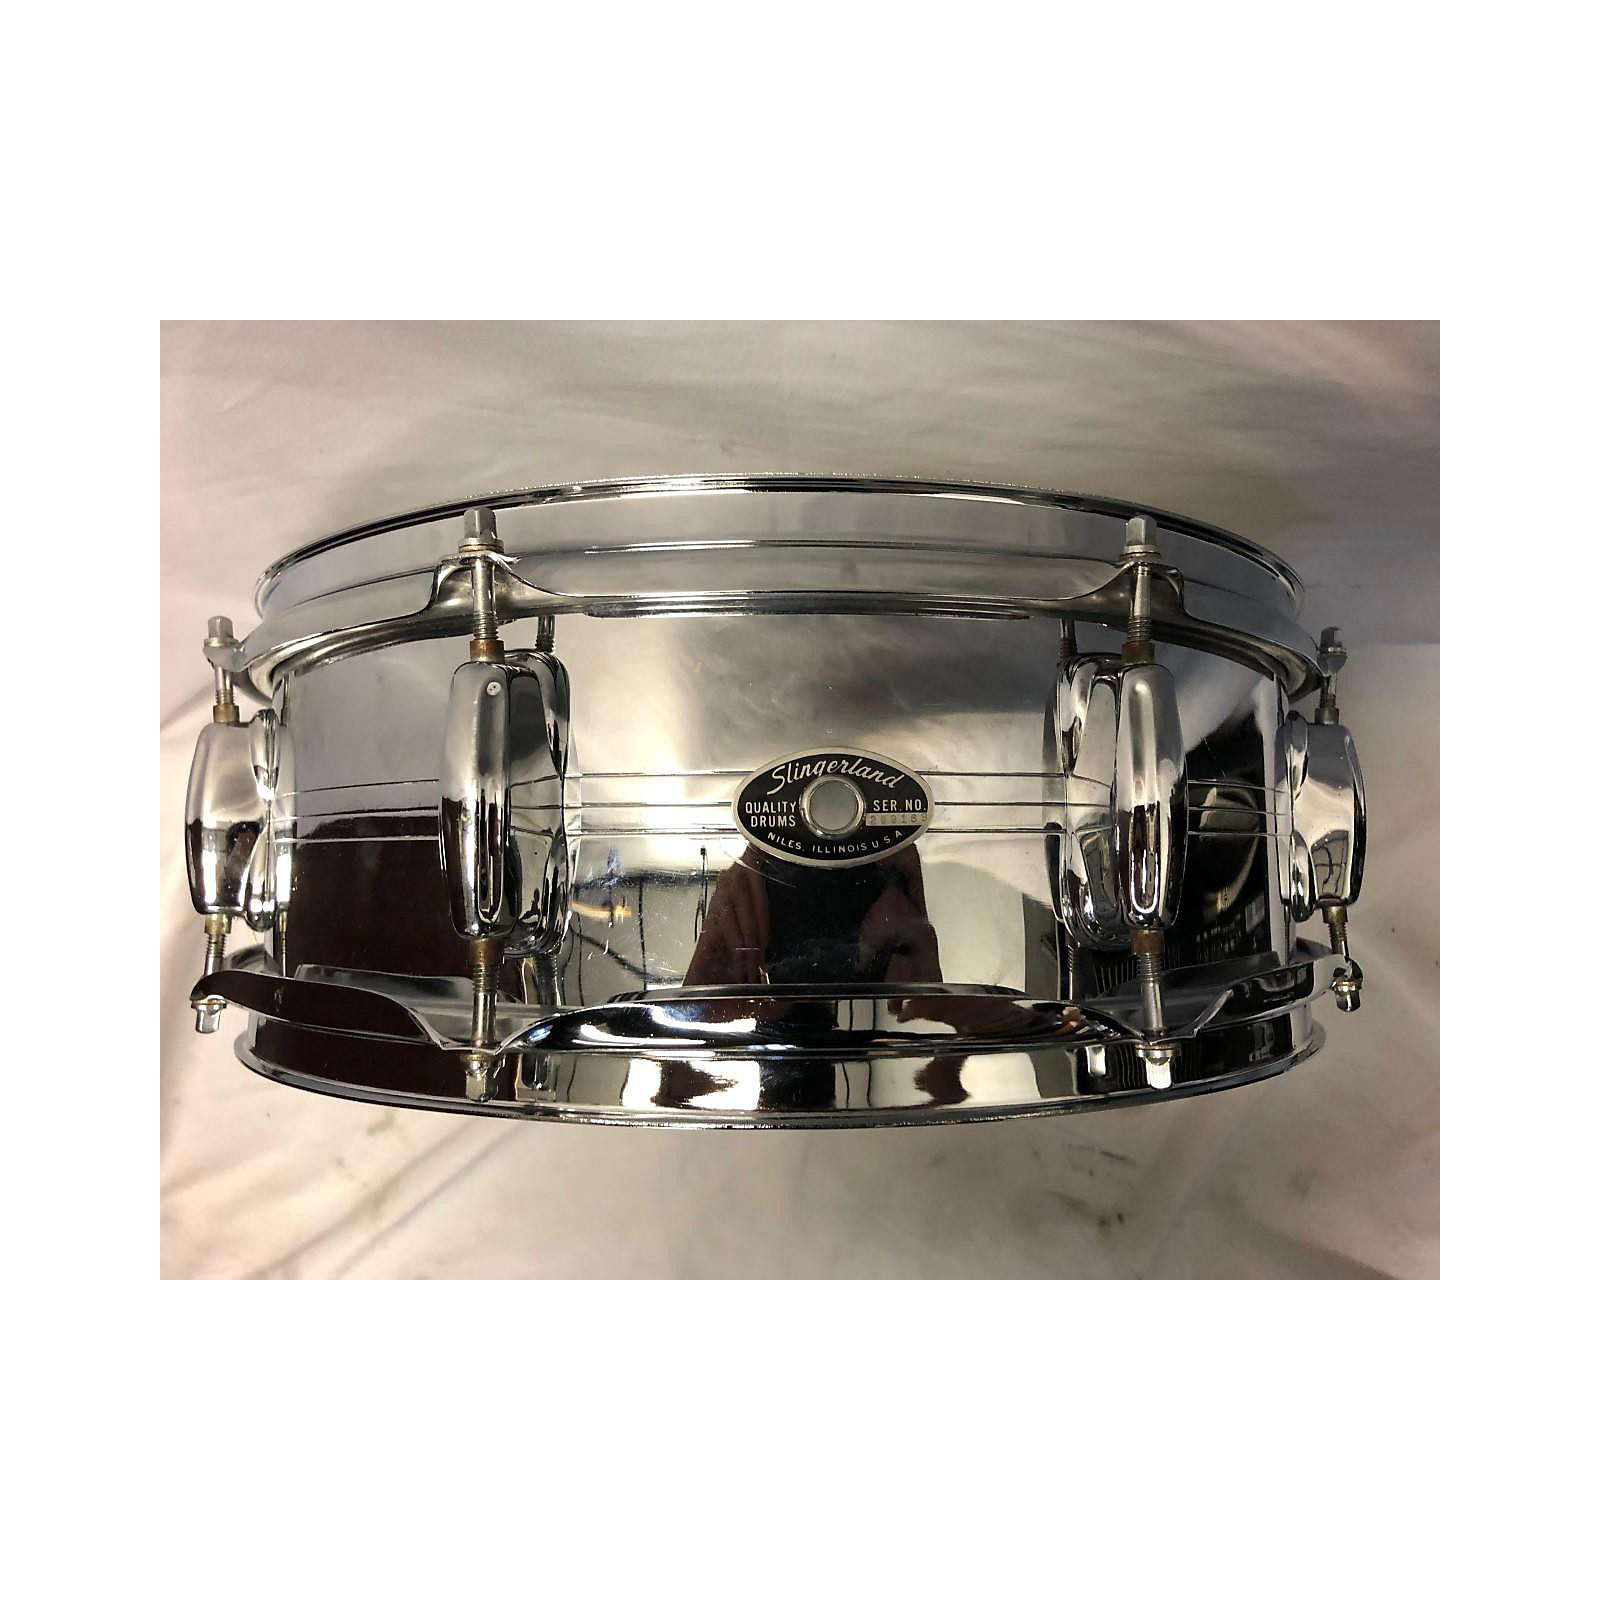 Slingerland 14X5.5 Sound King Chrome Over Brass Drum